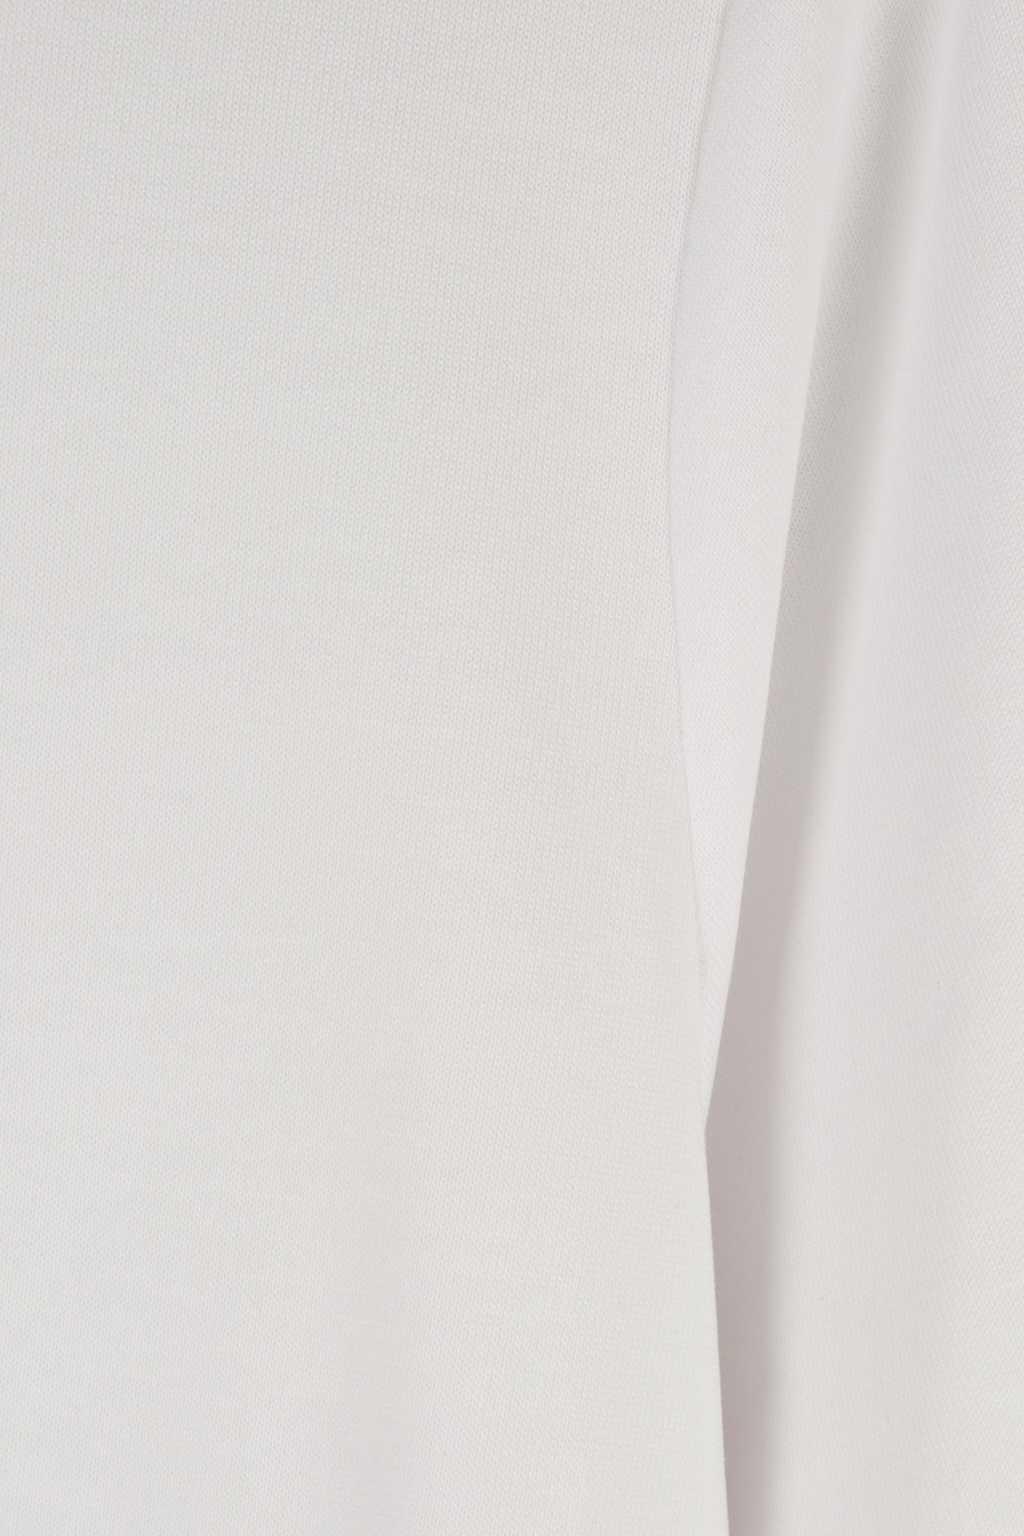 TShirt 1370 White 8